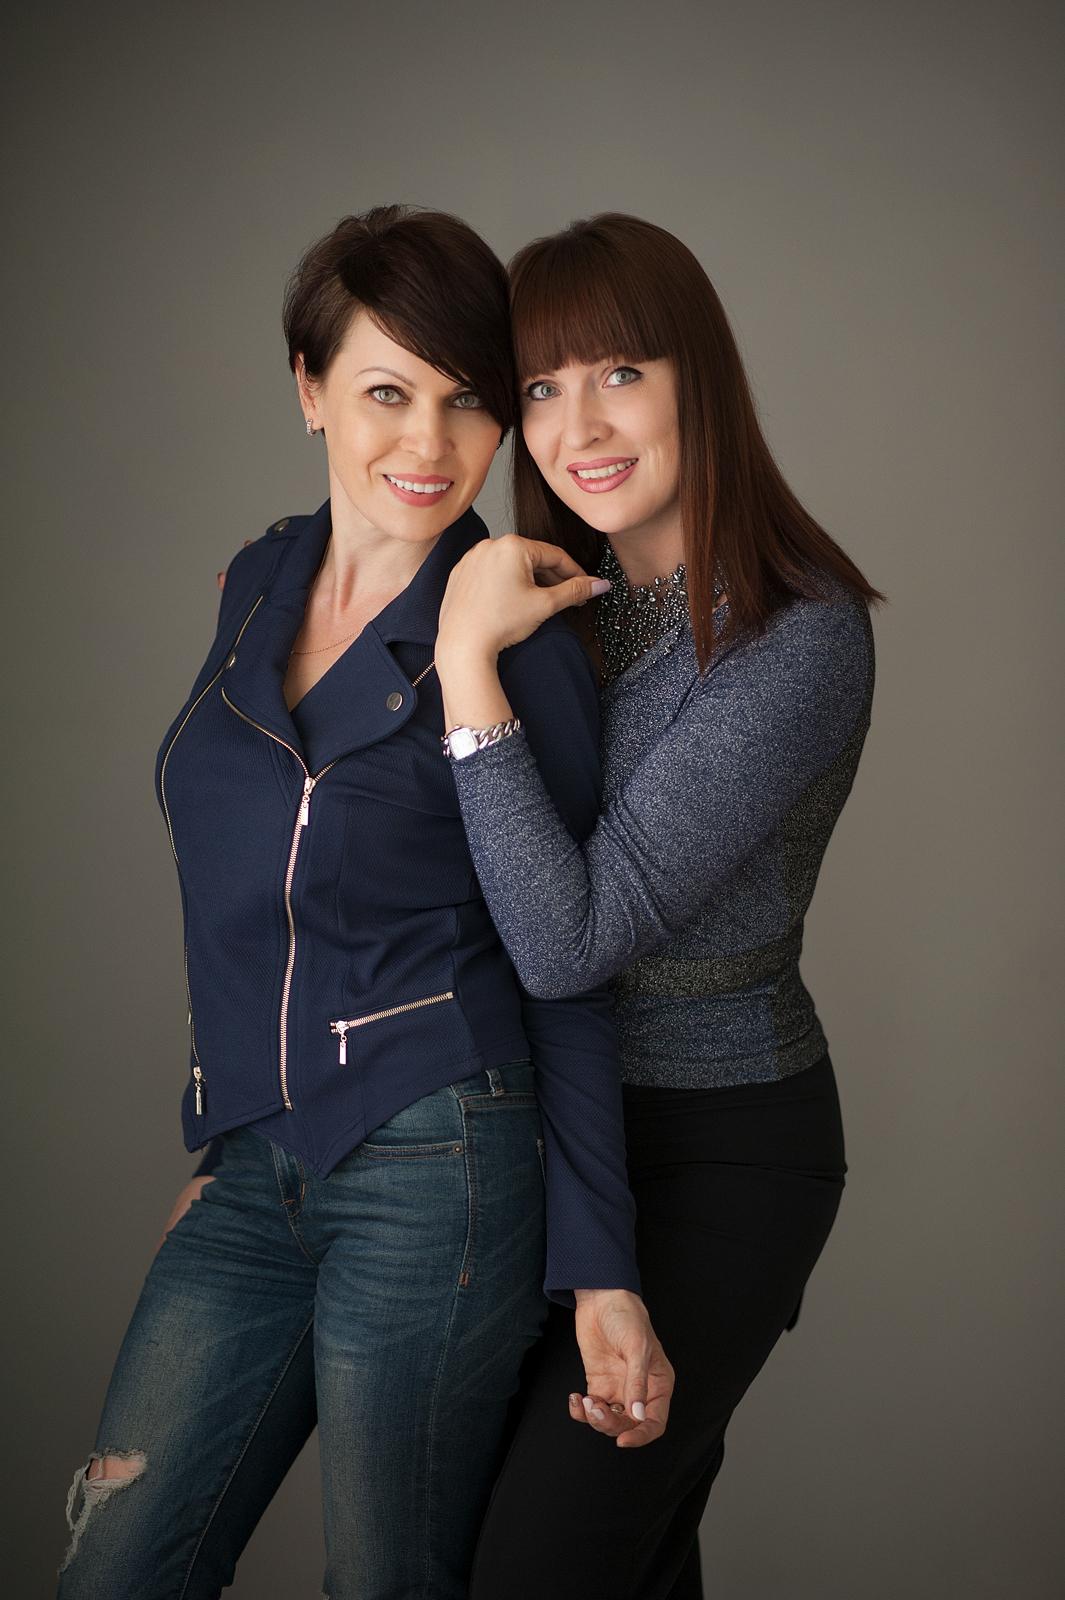 19-stunning-sisters-draatic-pose-standing.jpg